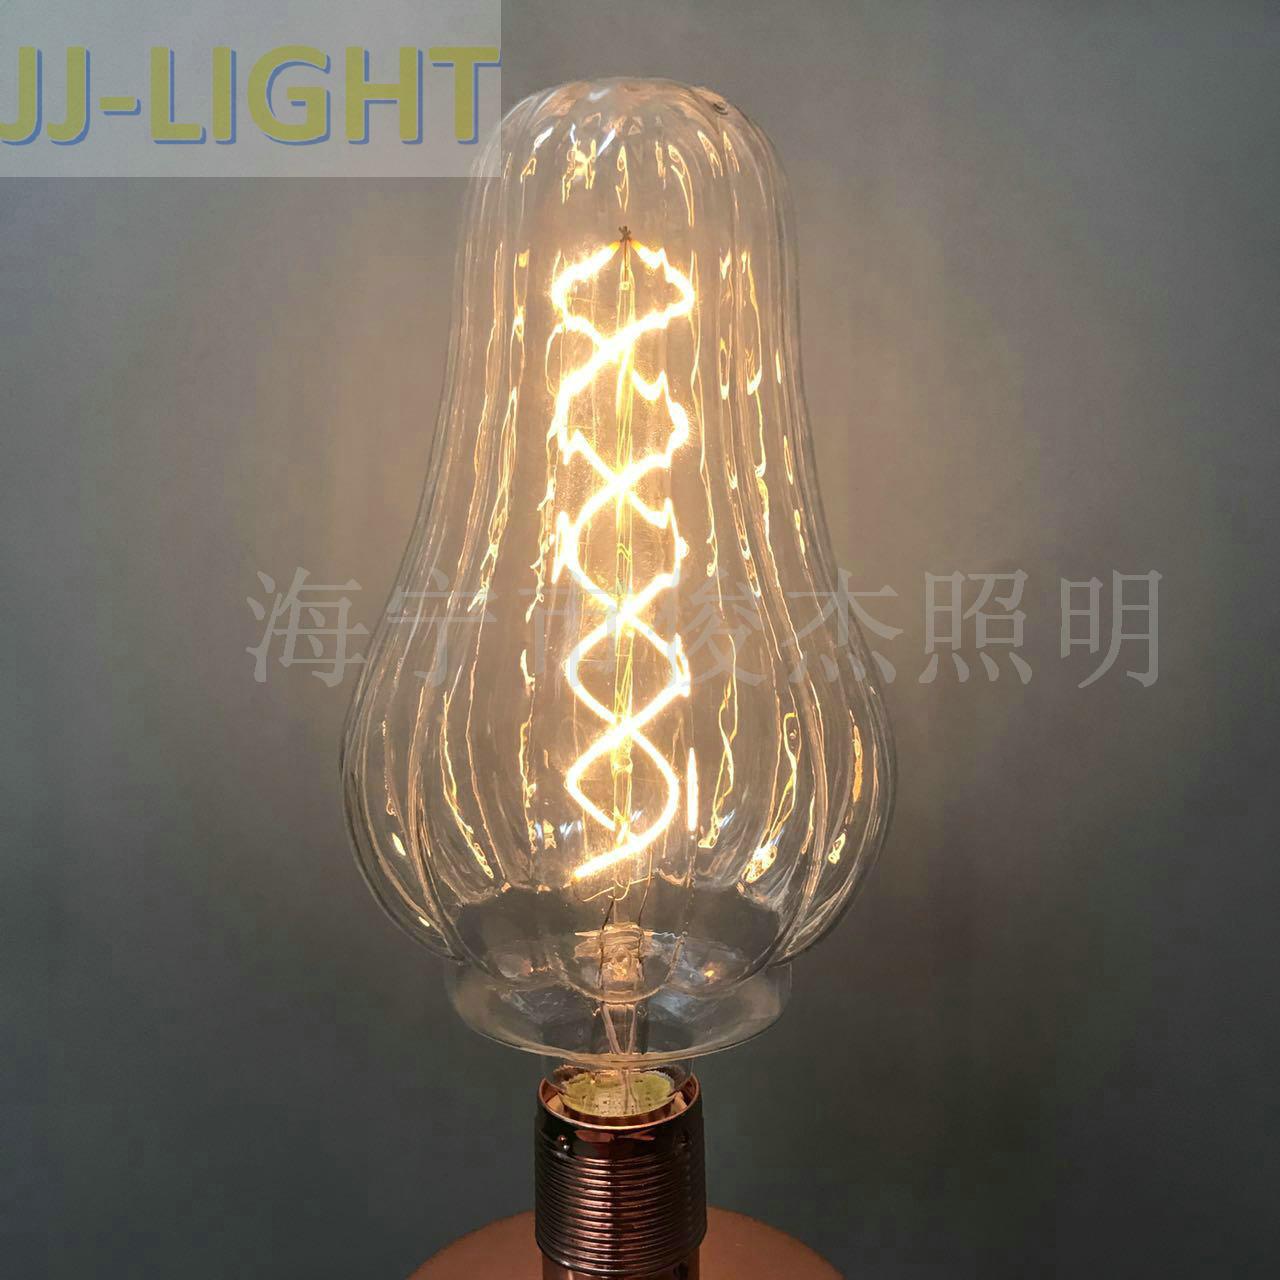 厂家直销南瓜led软灯条复古灯家装节能型复古风格